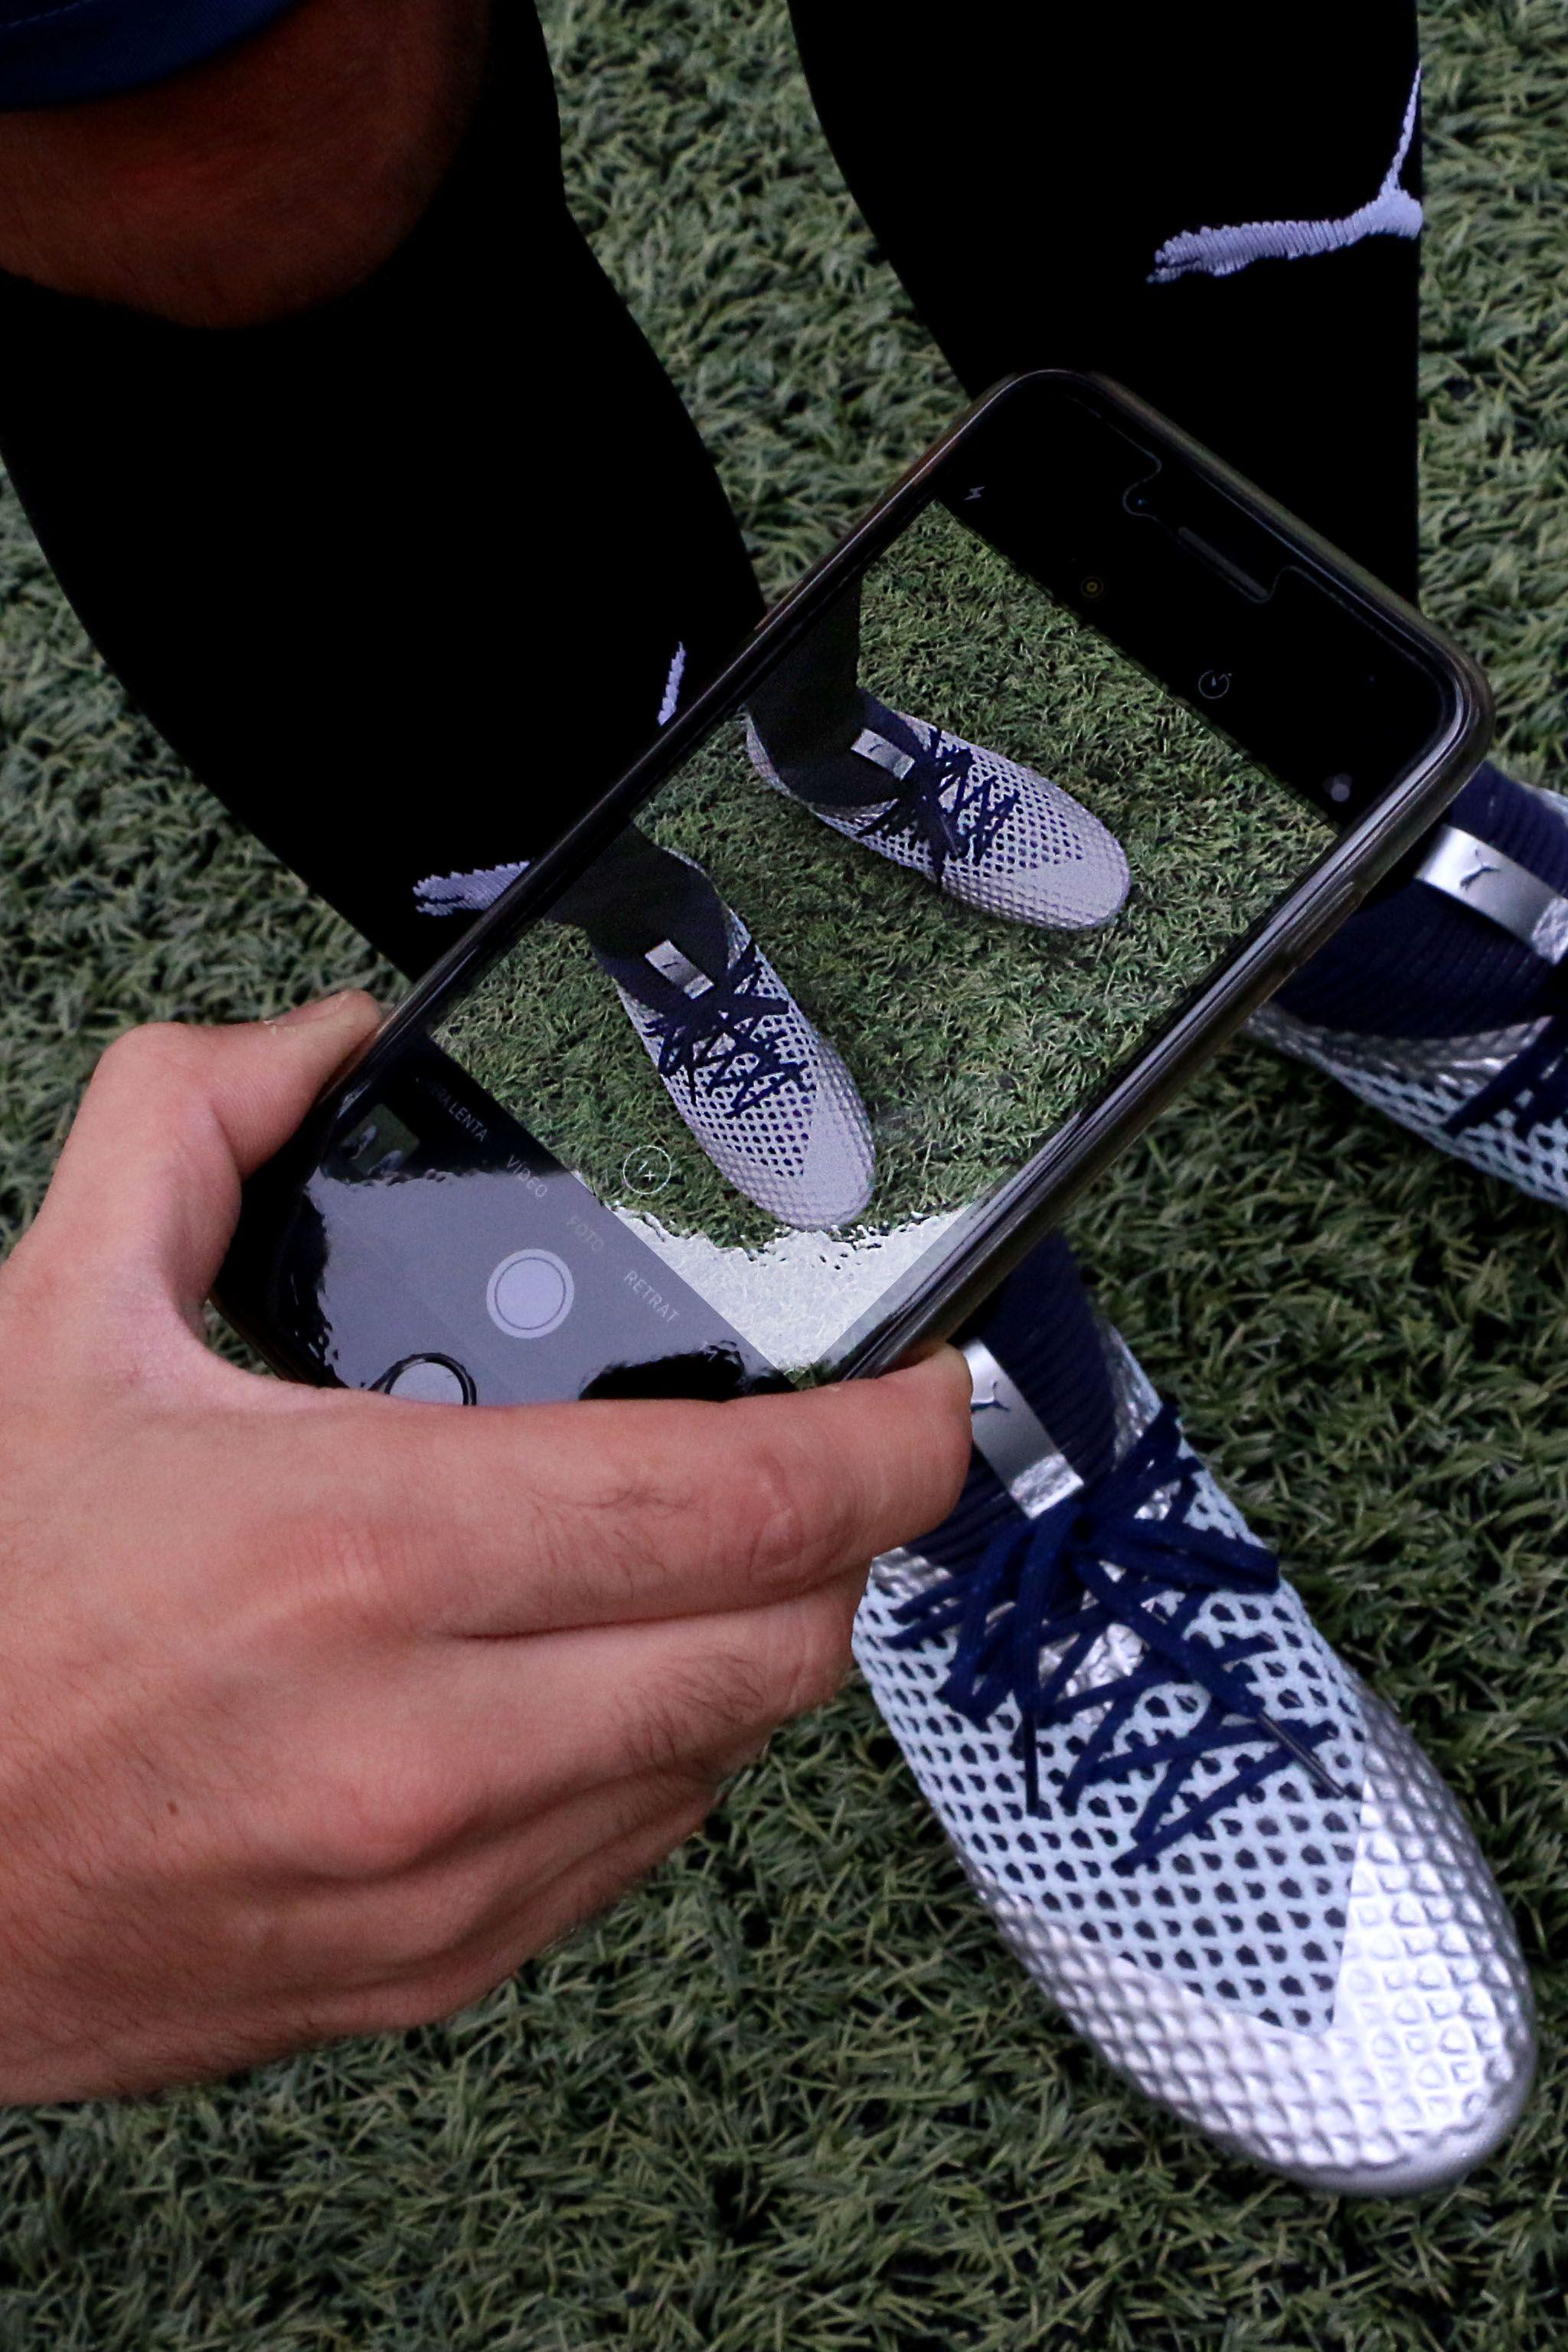 sale retailer d9642 018a0 Nuevas botas de fútbol  puma future. A la venta en  futbolmania a partir de  mañana.